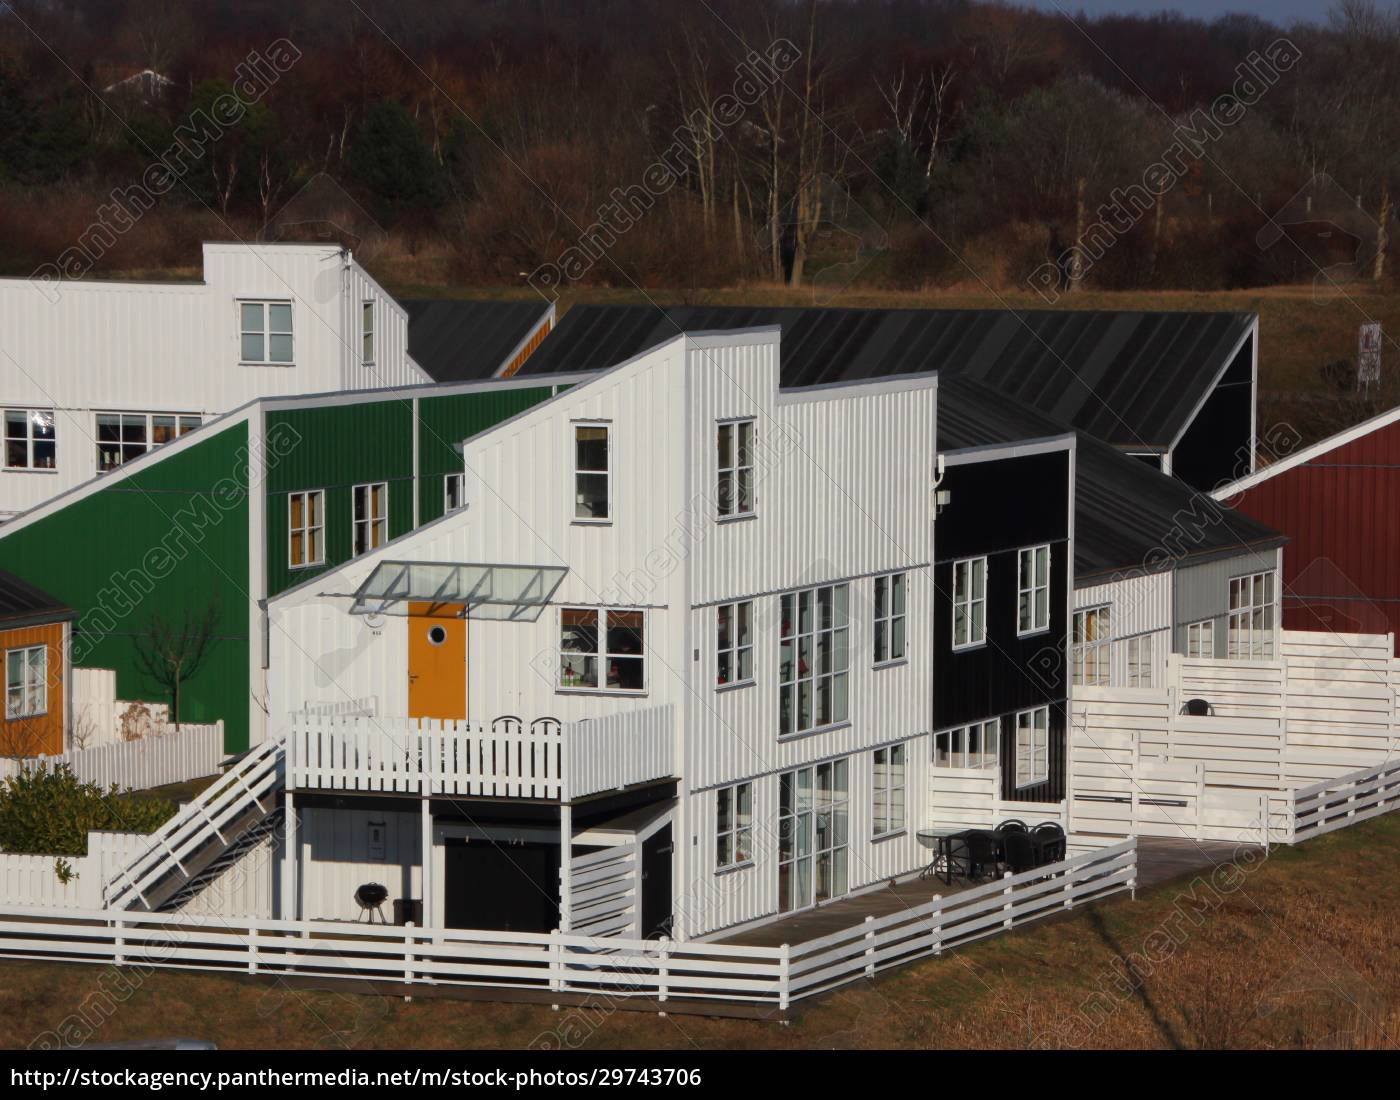 casas, coloridas, com, cercas, em, perspectiva - 29743706